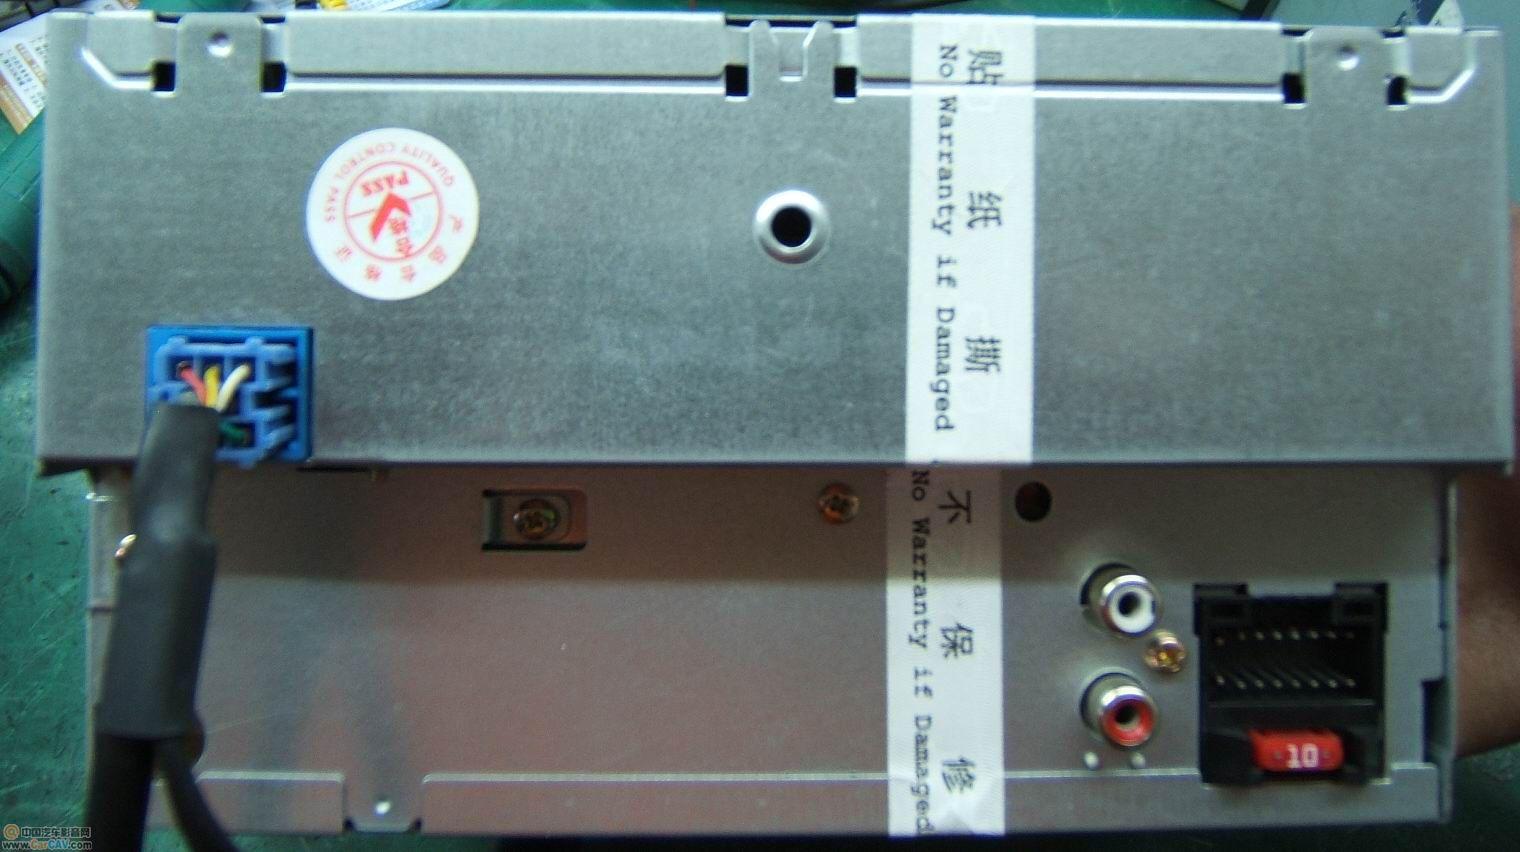 出瑞虎新CD机380高清图片